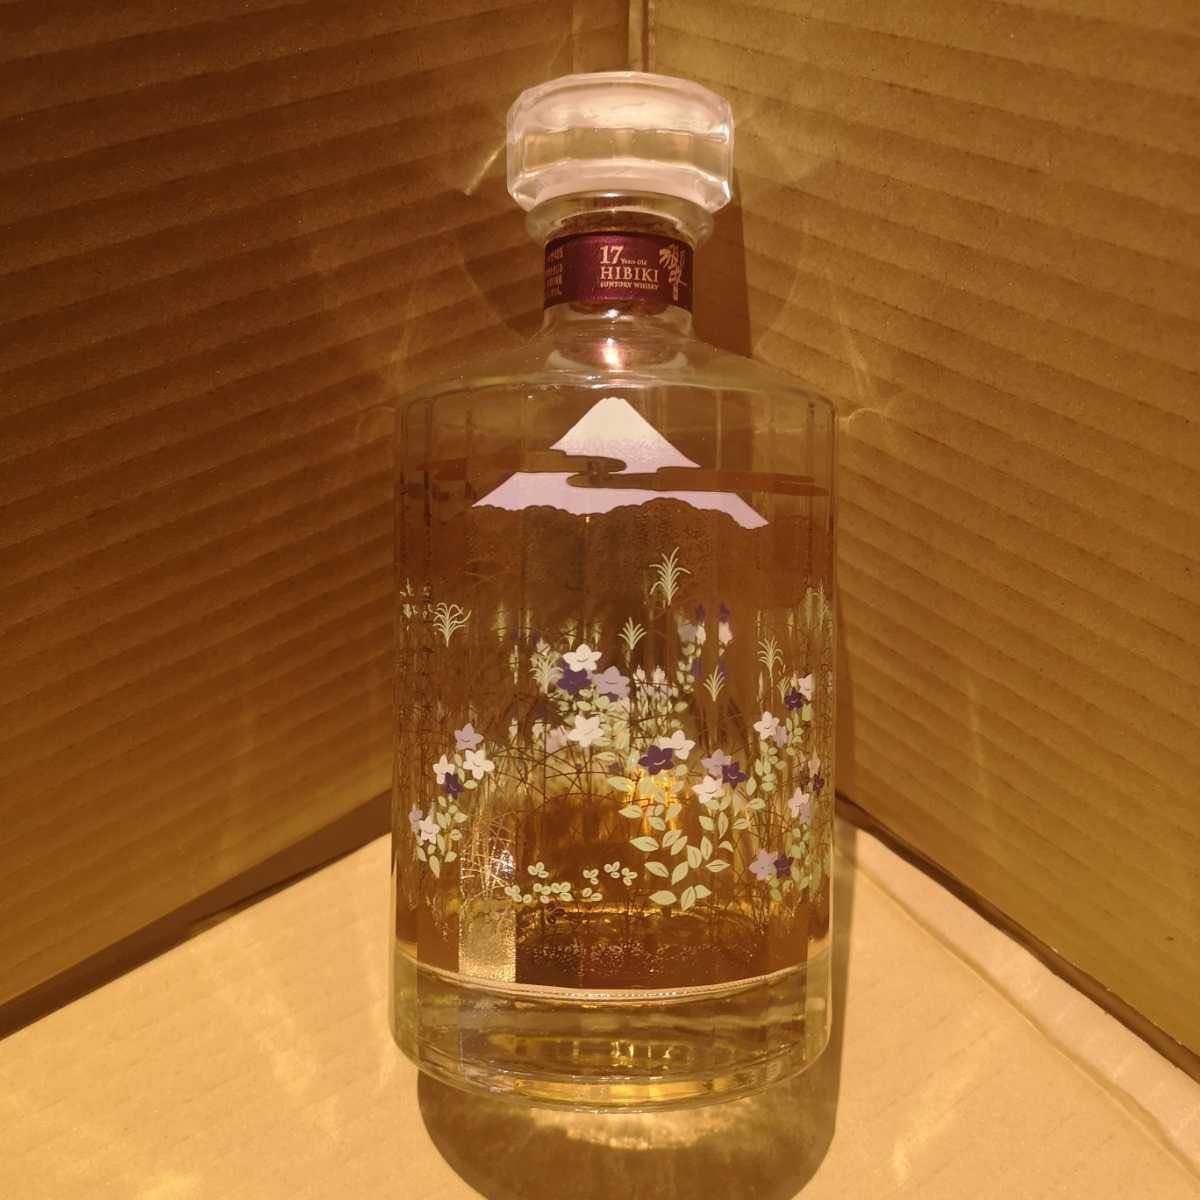 【空瓶のみ】響17年空瓶 武蔵野富士意匠ボトル、響ウイスキーサントリーウイスキー_画像1